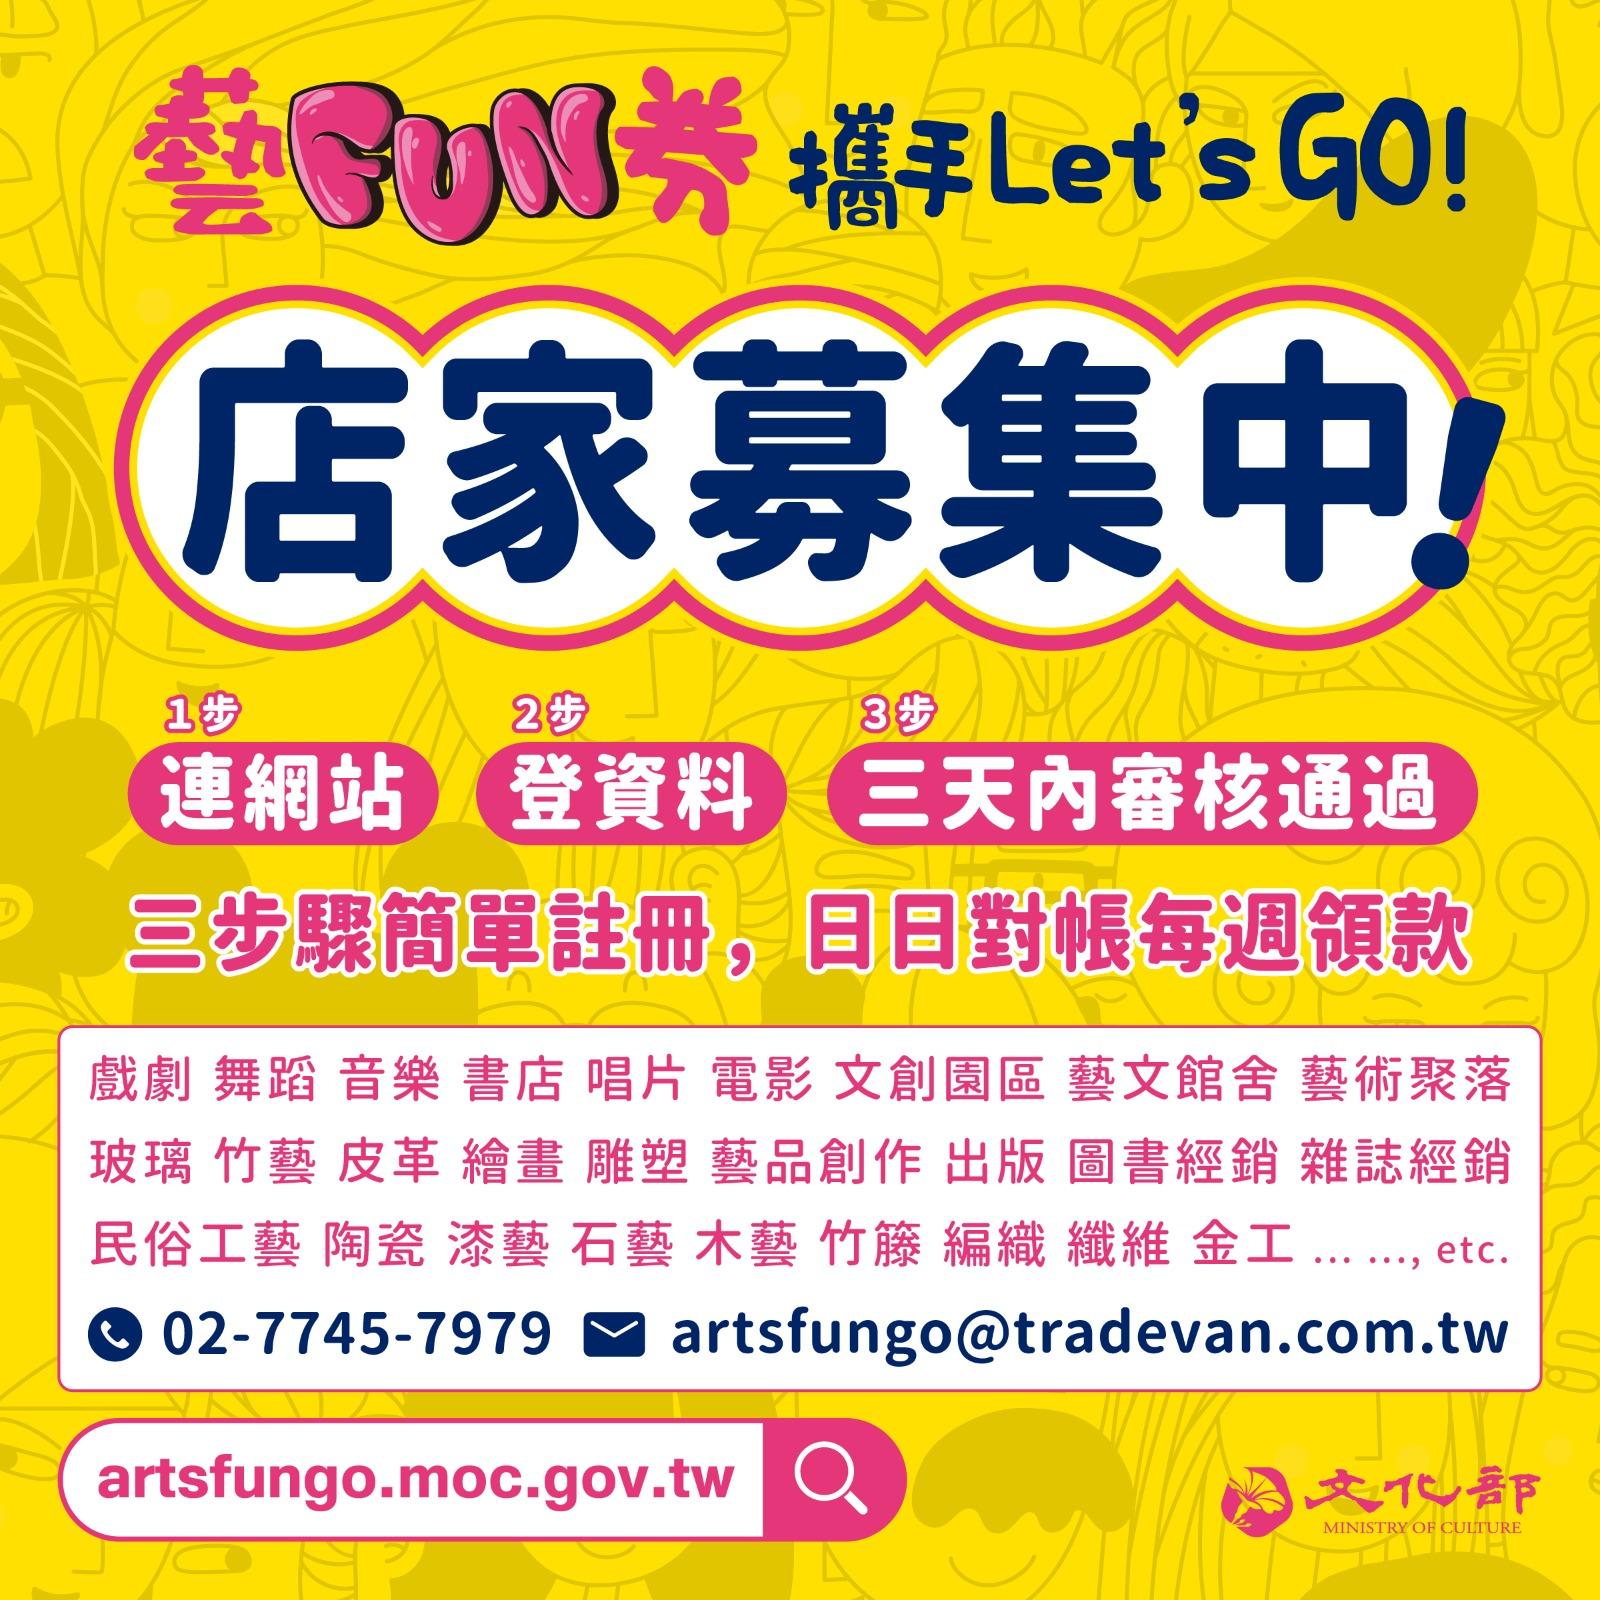 「藝fun券+三倍券=3600元」 文化部廣邀藝文業者拚振興